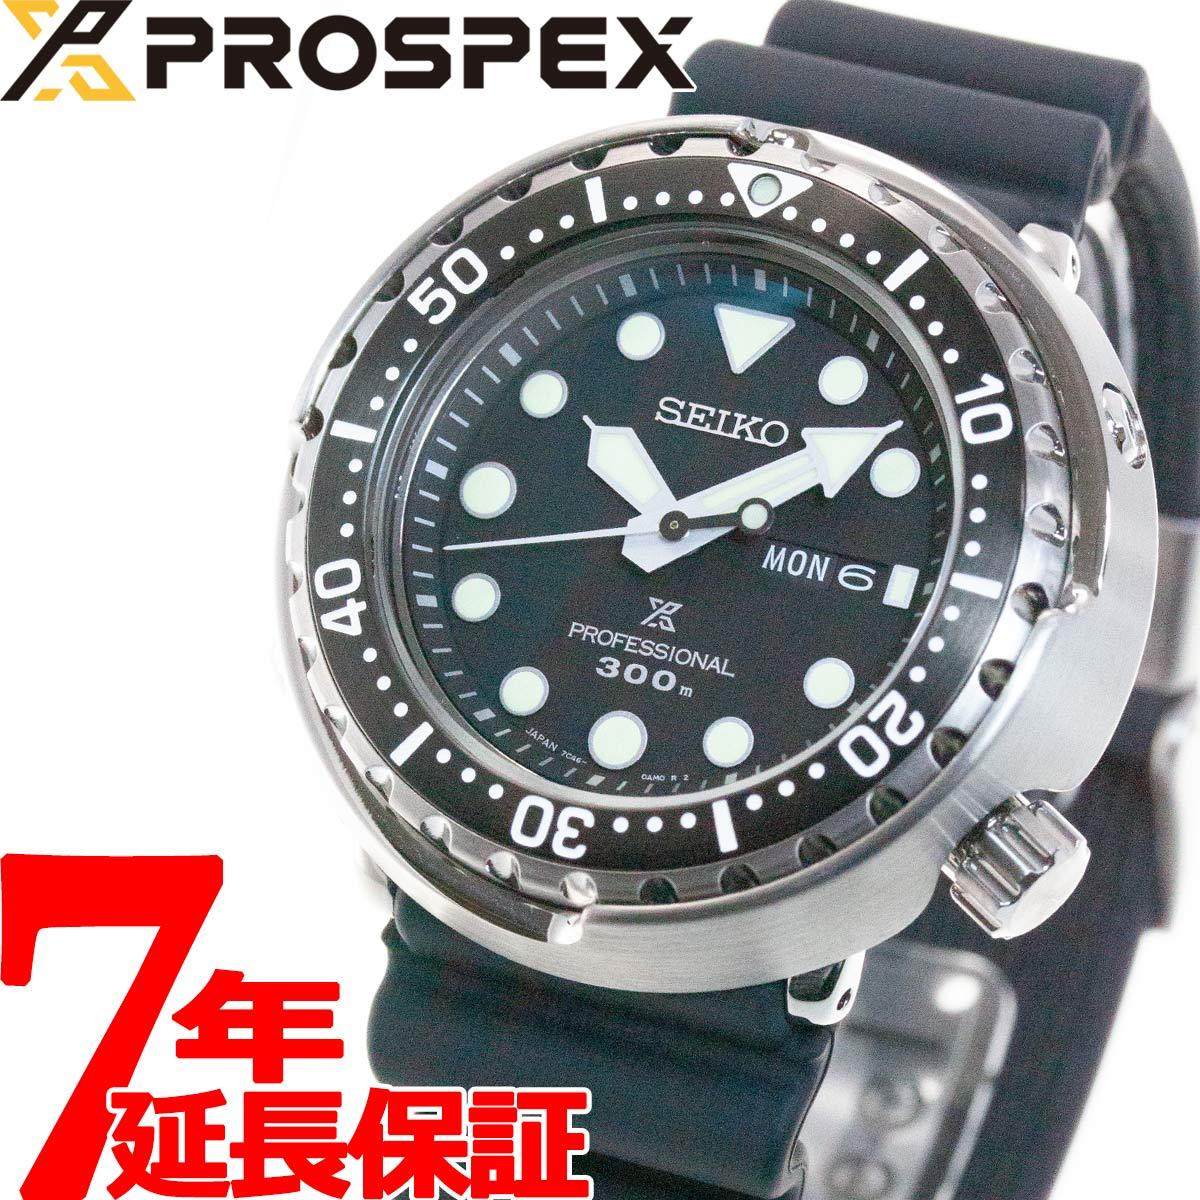 腕時計, メンズ腕時計 1OFF39252359 SEIKO PROSPEX SBBN0452020